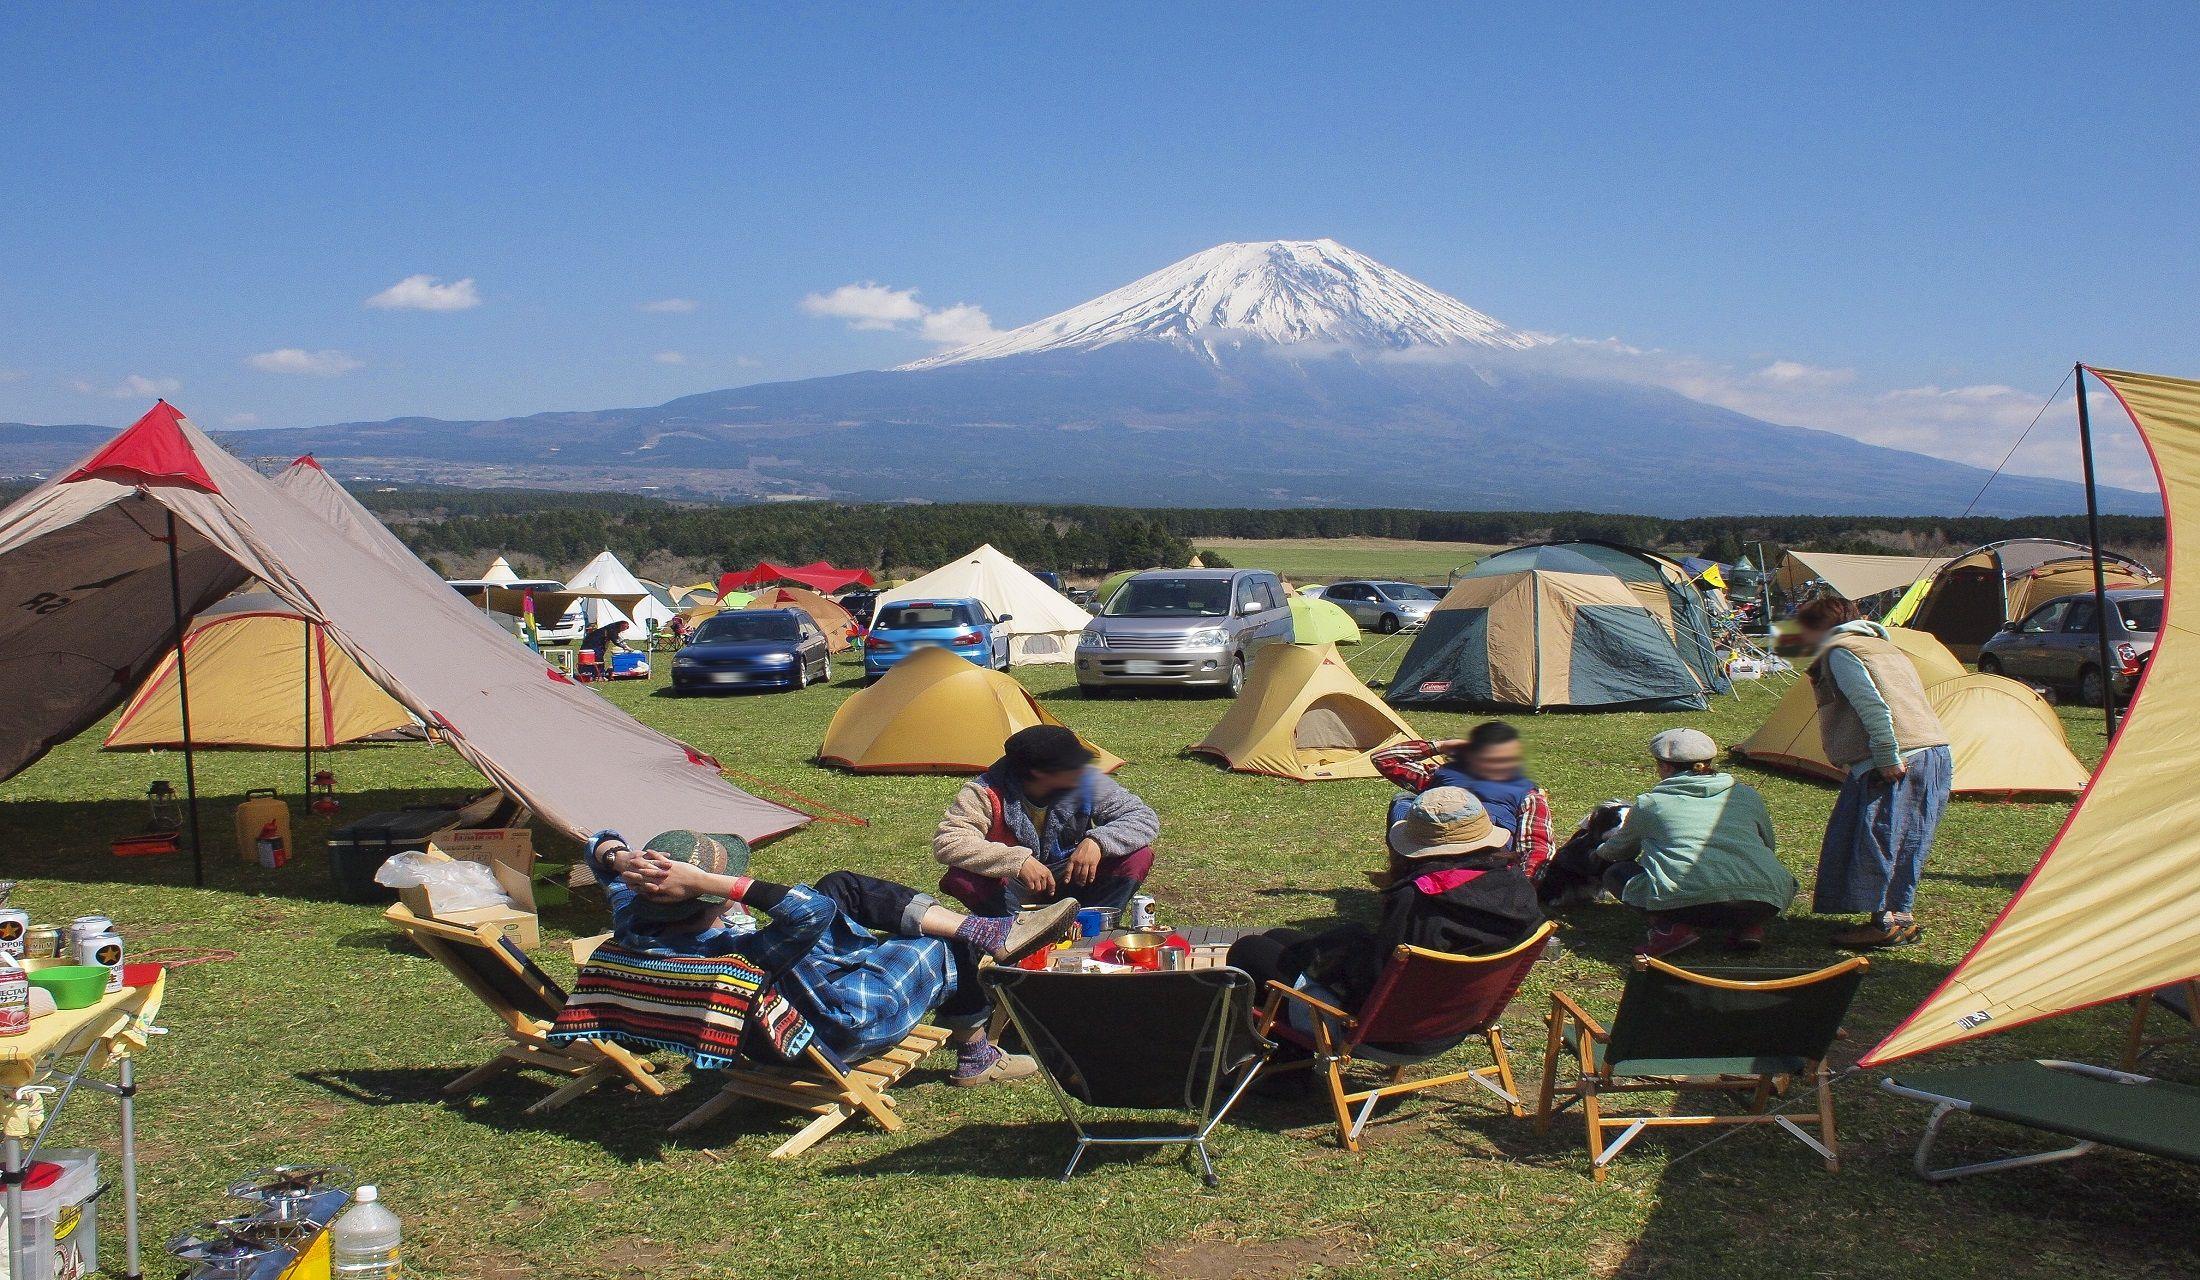 晴天のキャンプ場